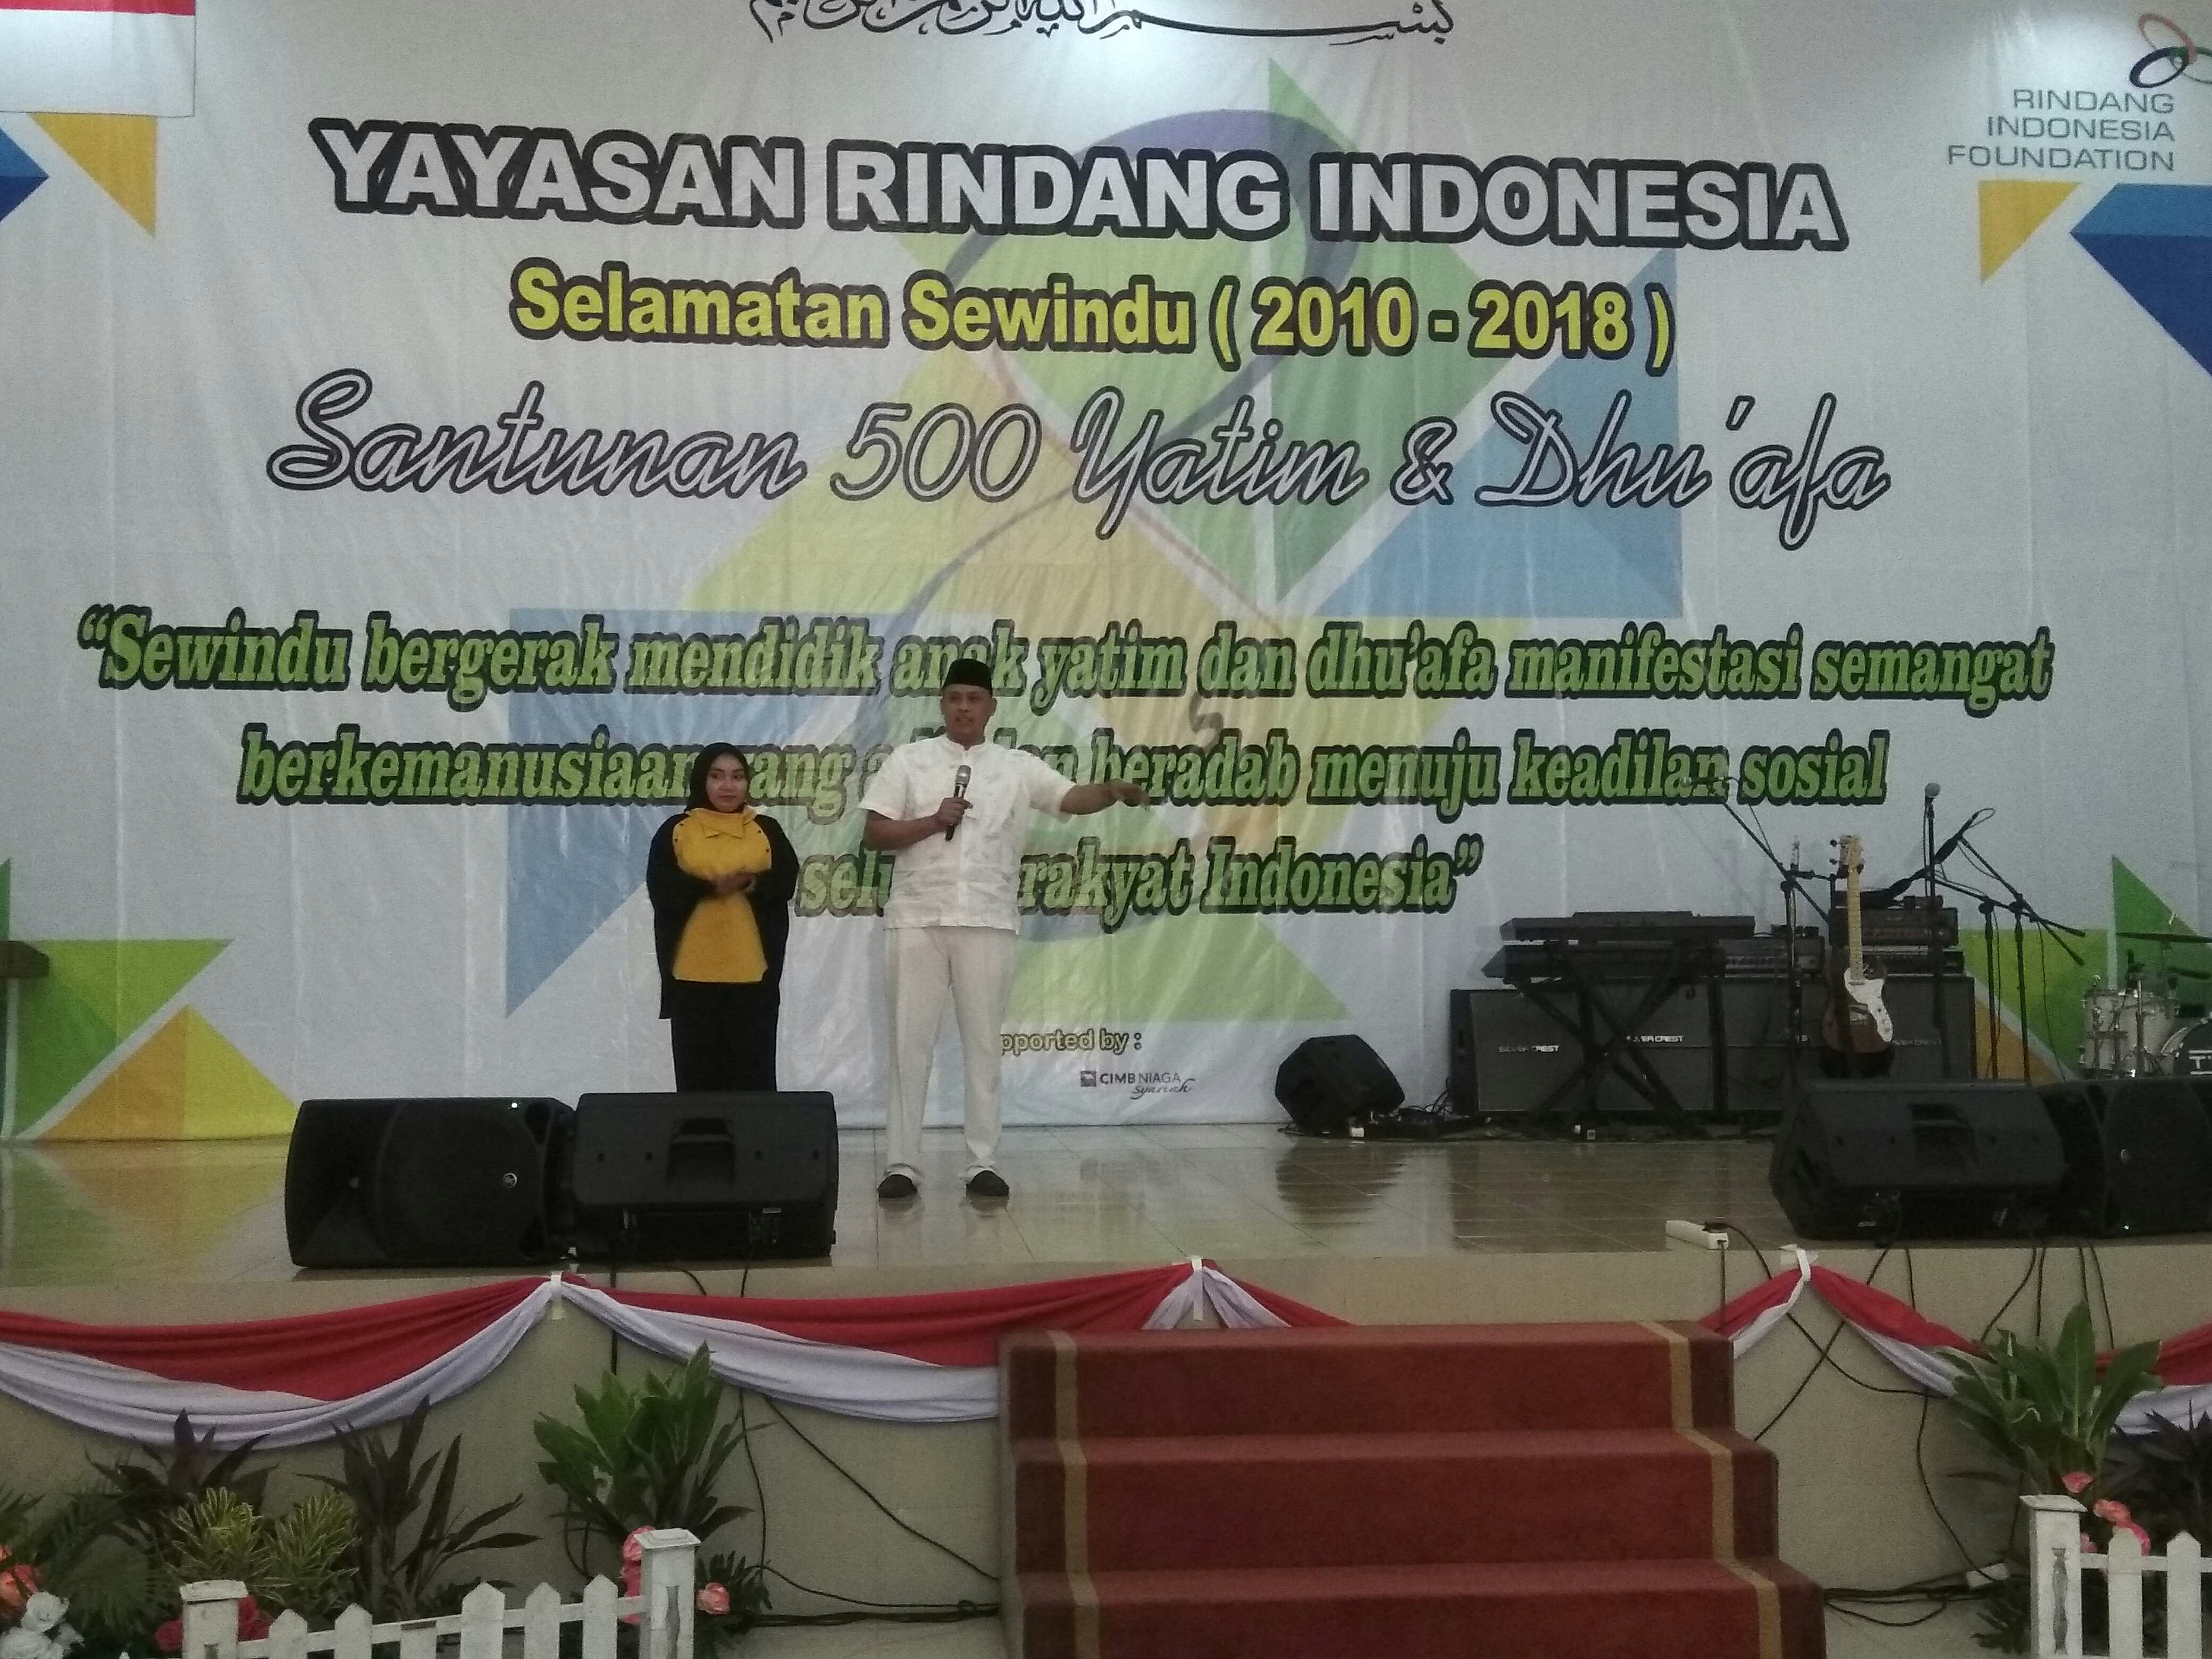 Wakil Wali Kota Bekasi Tri Adhianto memberikan sambutan dalam Milad ke-8 Yayasan Rindang Indonesia, Bekasi, Minggu (12/8)